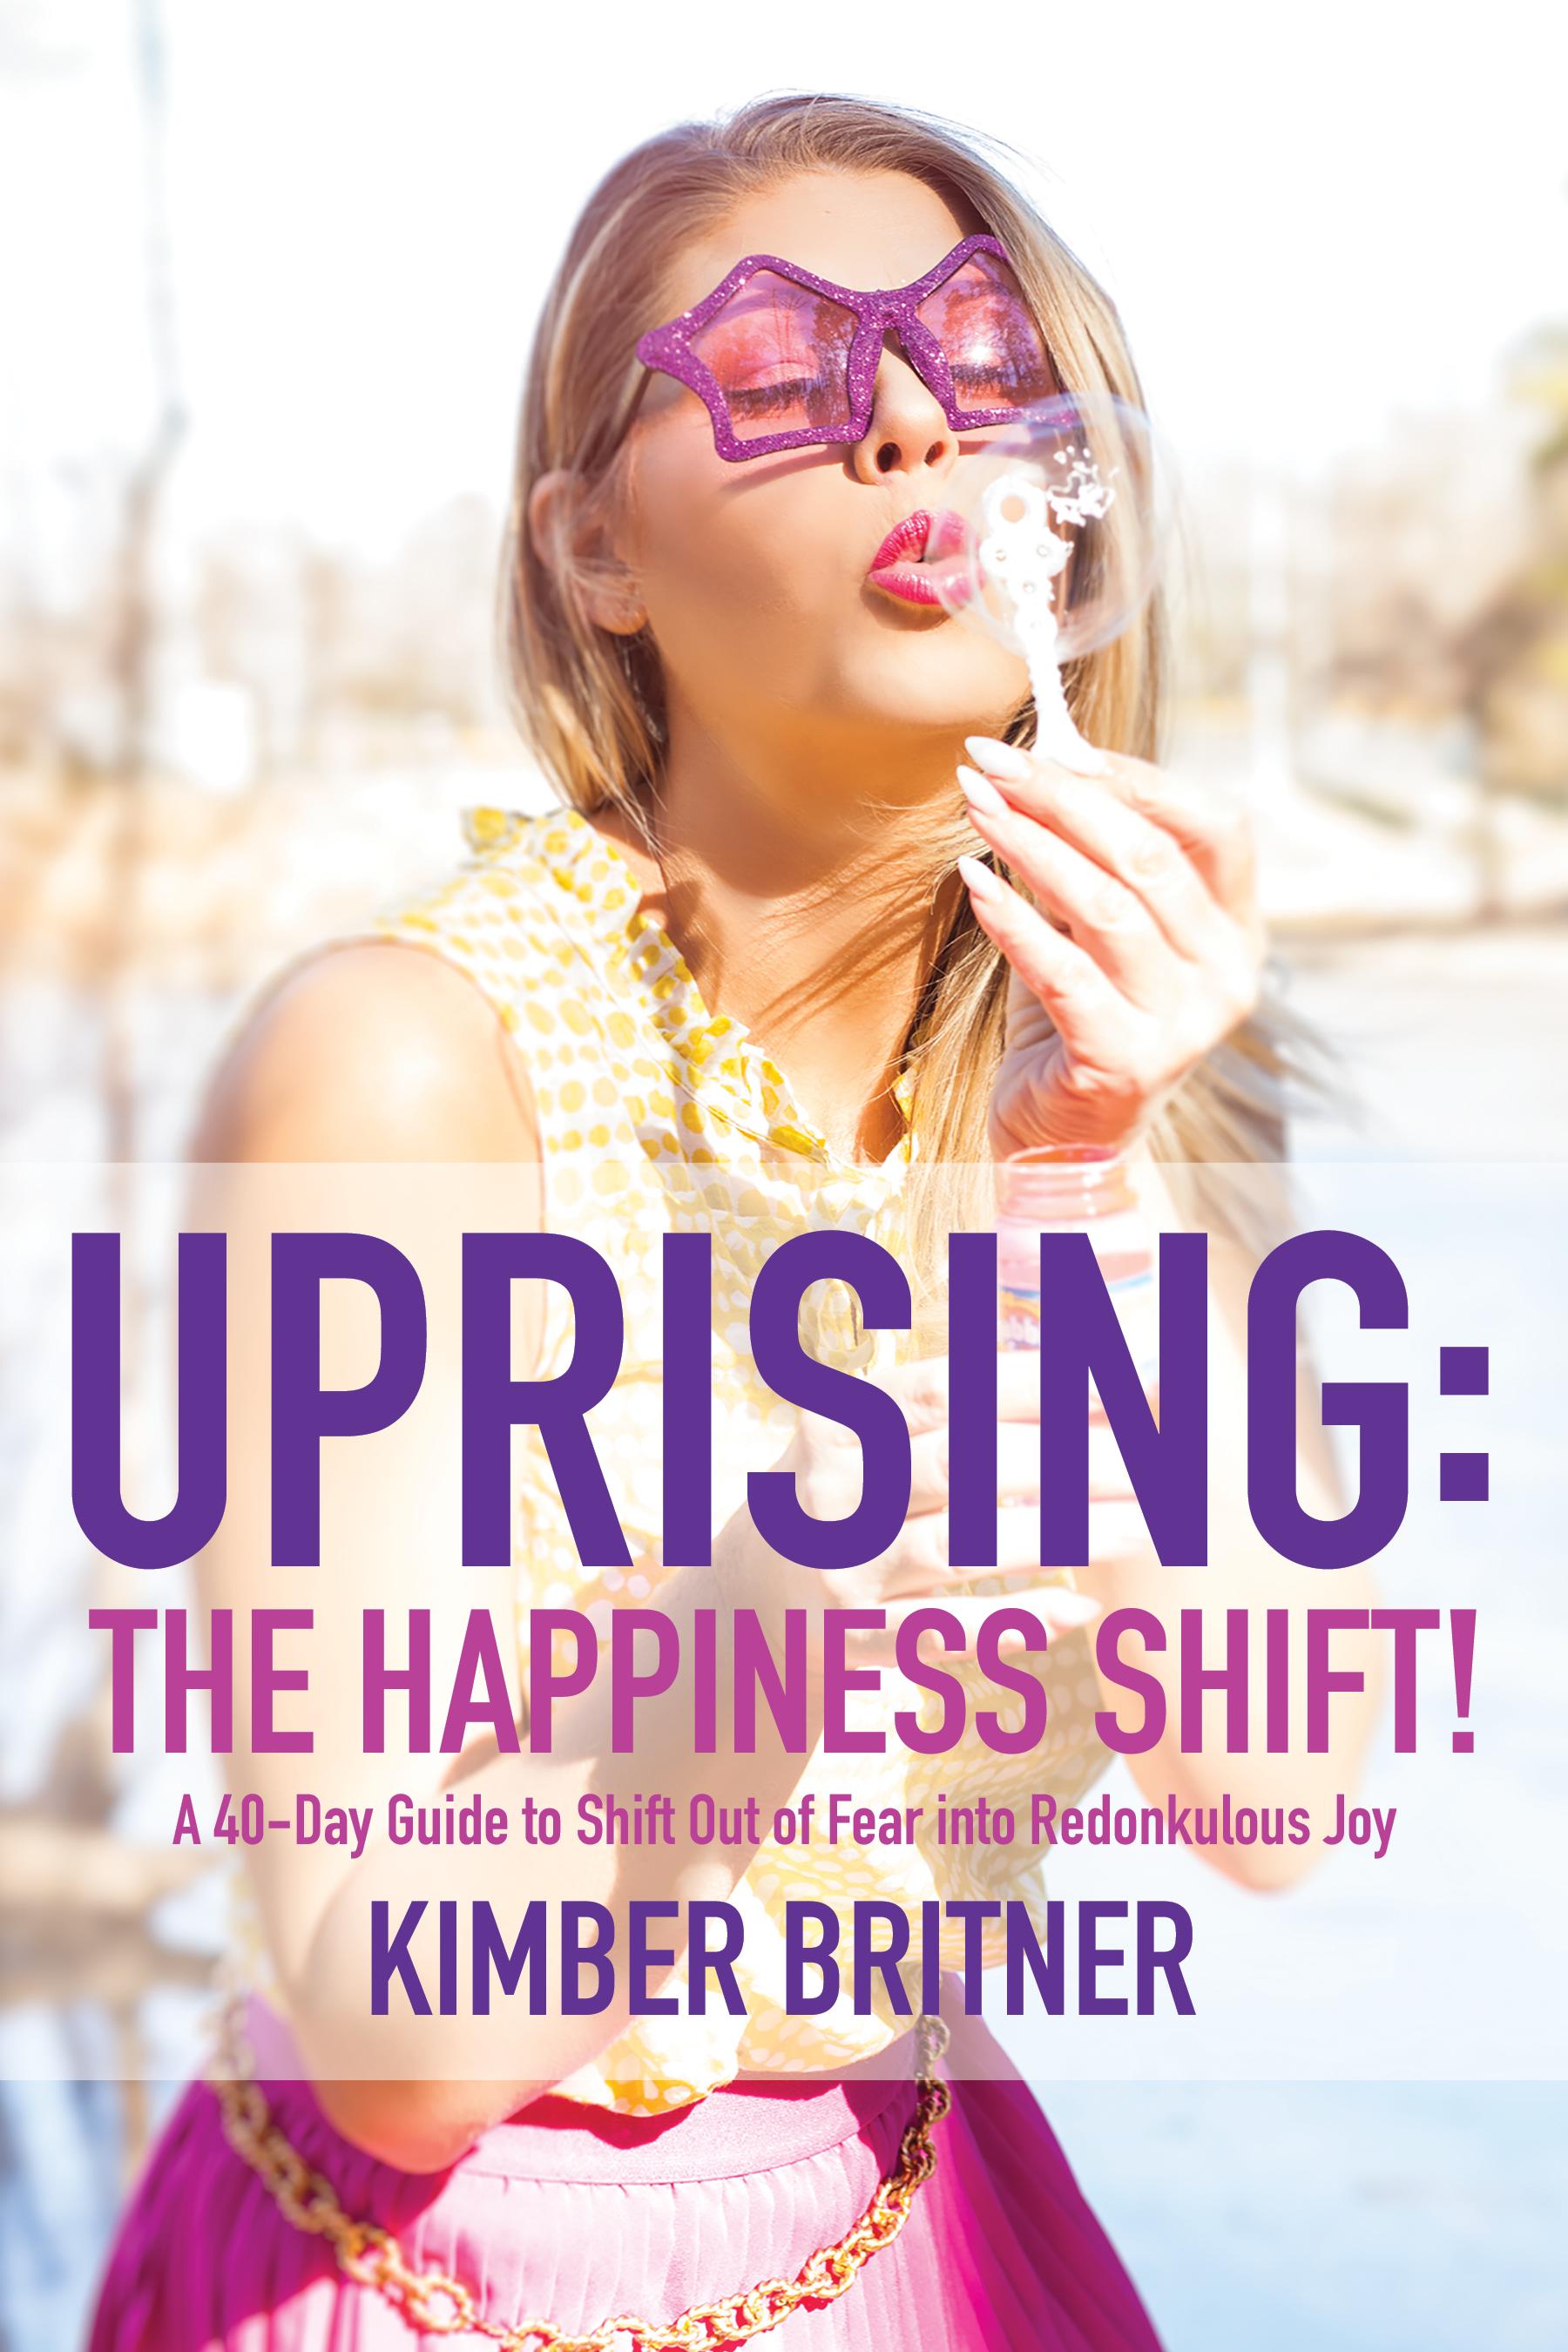 Uprising_Kimber Britner_Final Cover.jpg